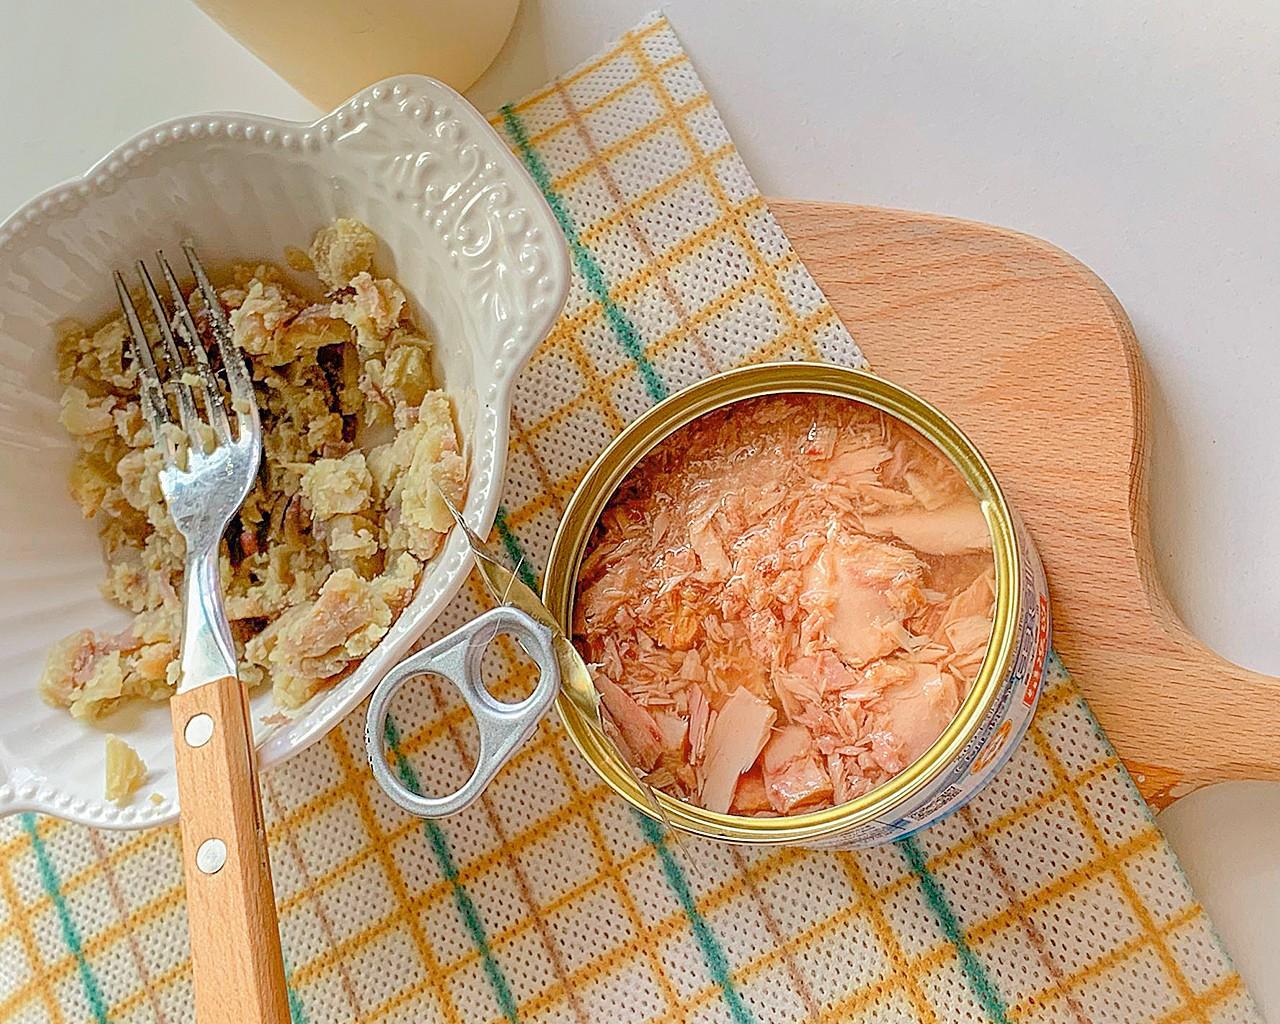 低脂低卡金枪鱼水煮蛋塔怎么做